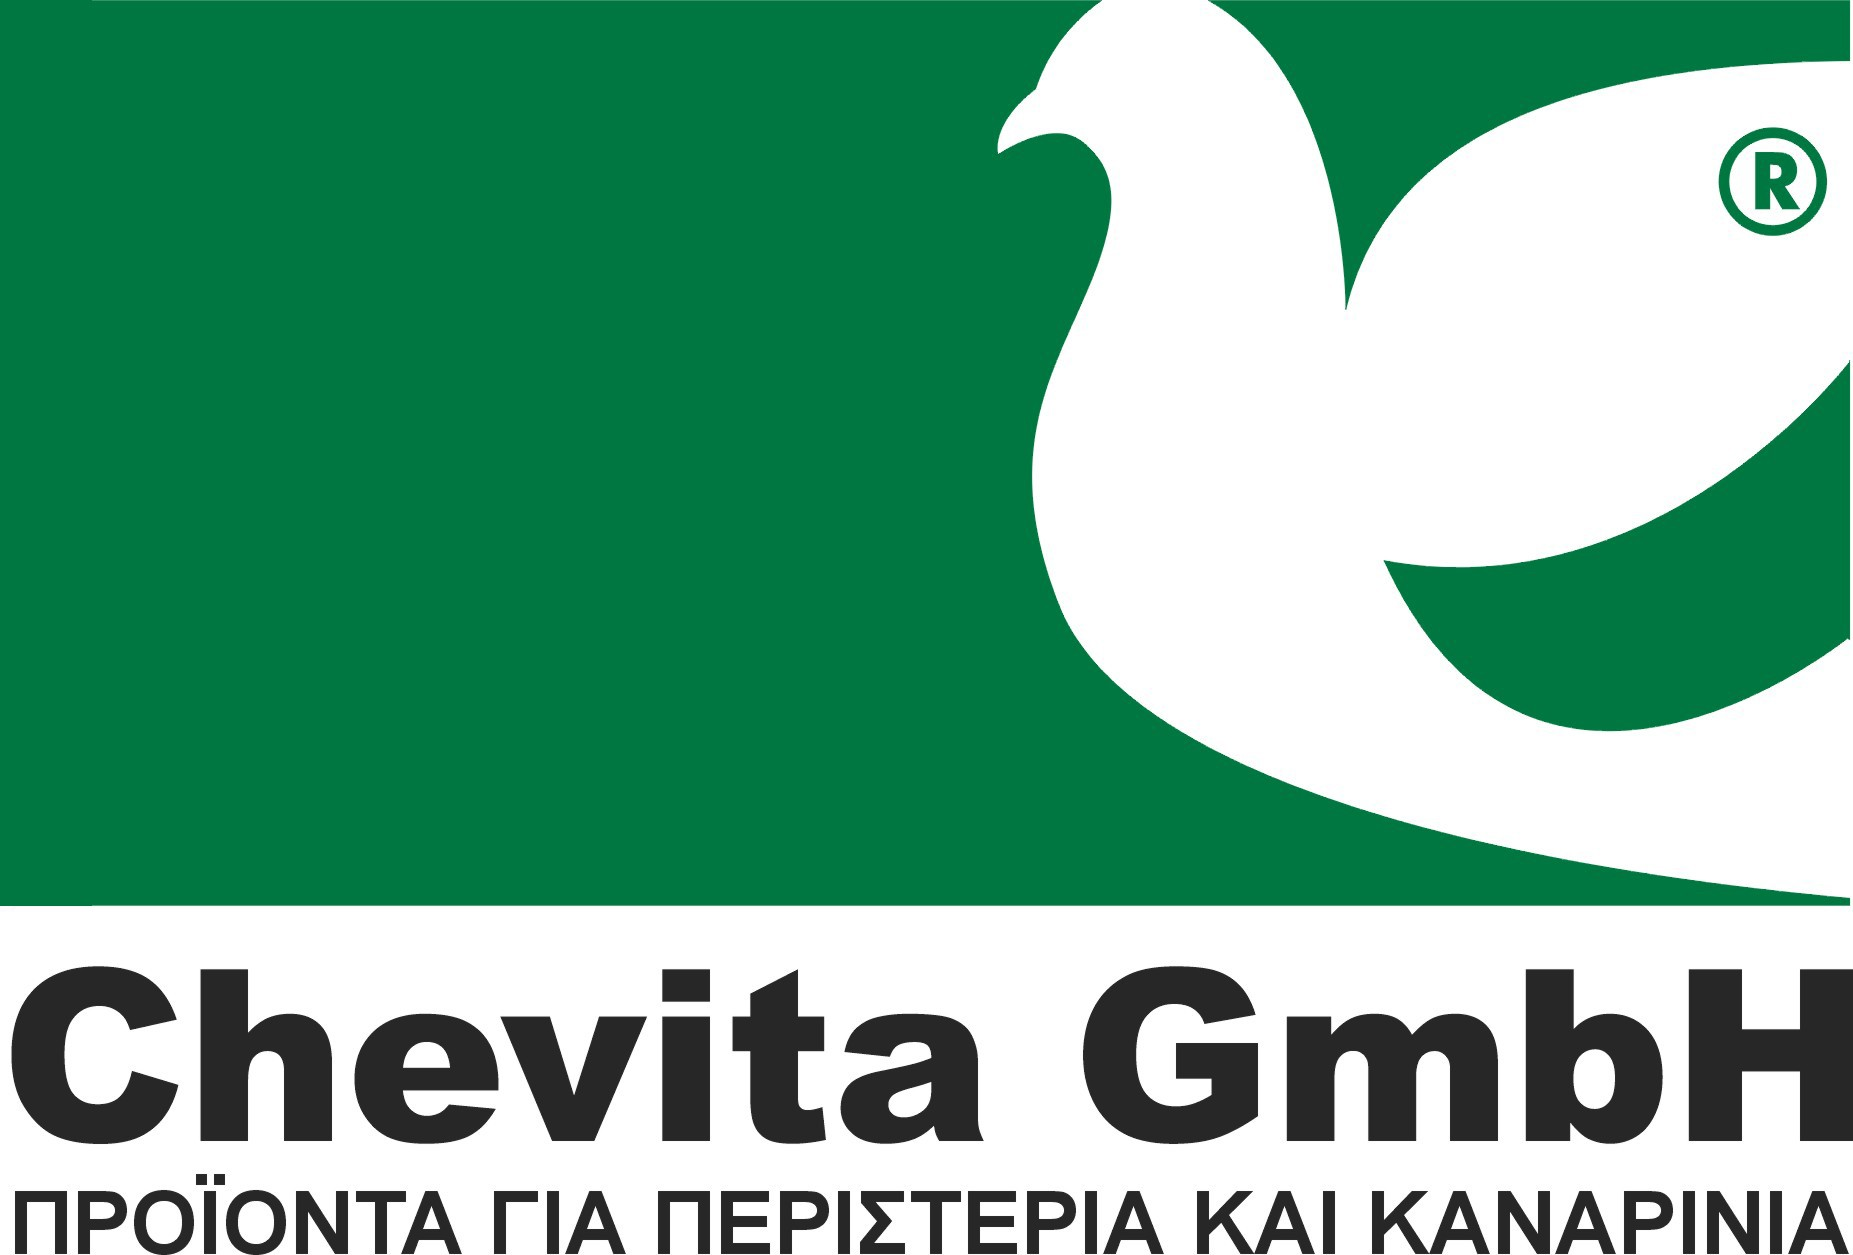 Chevita GmbH